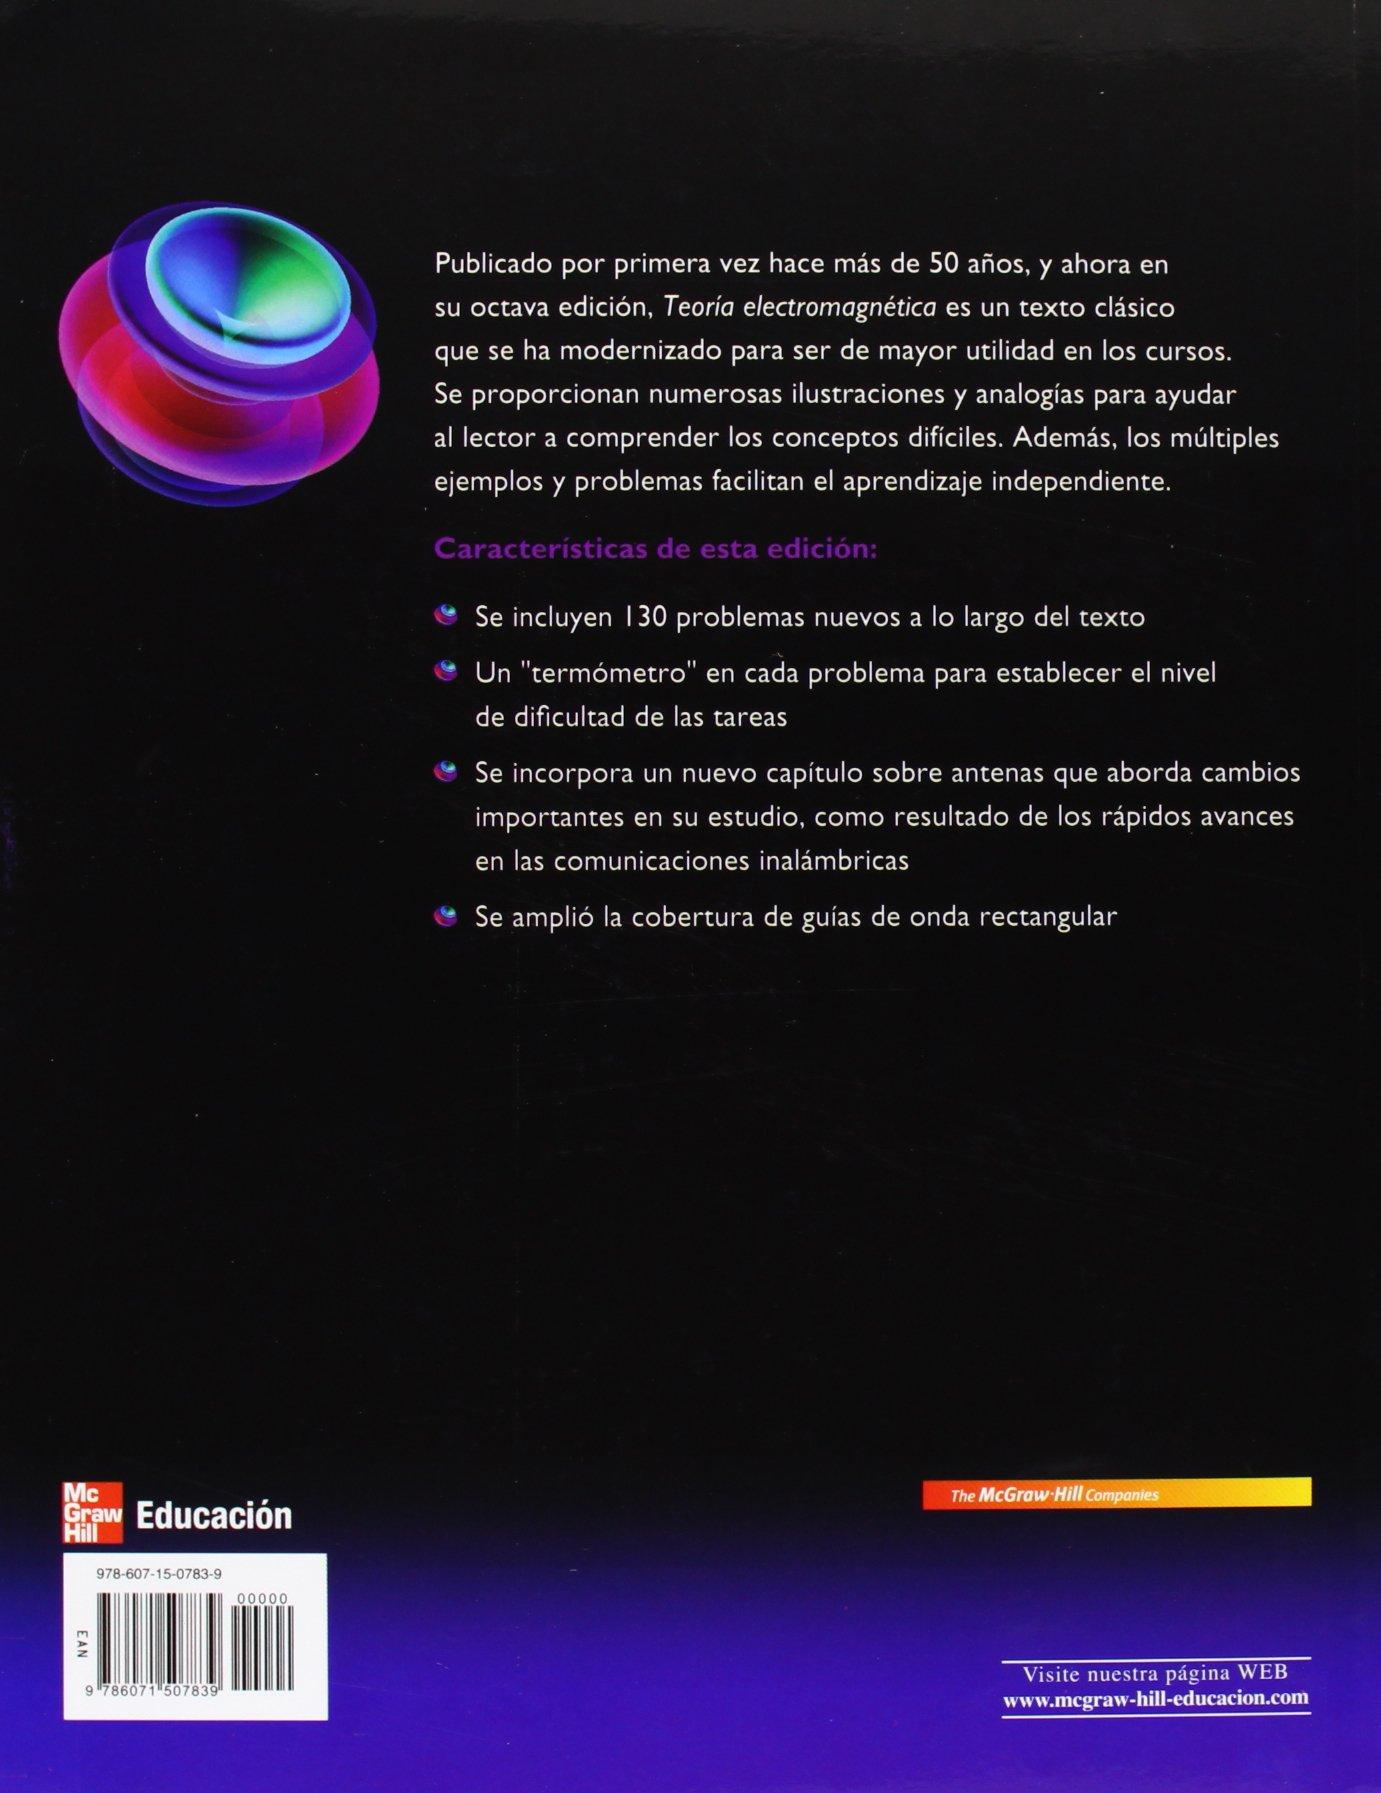 teoria electromagnetica william hyat